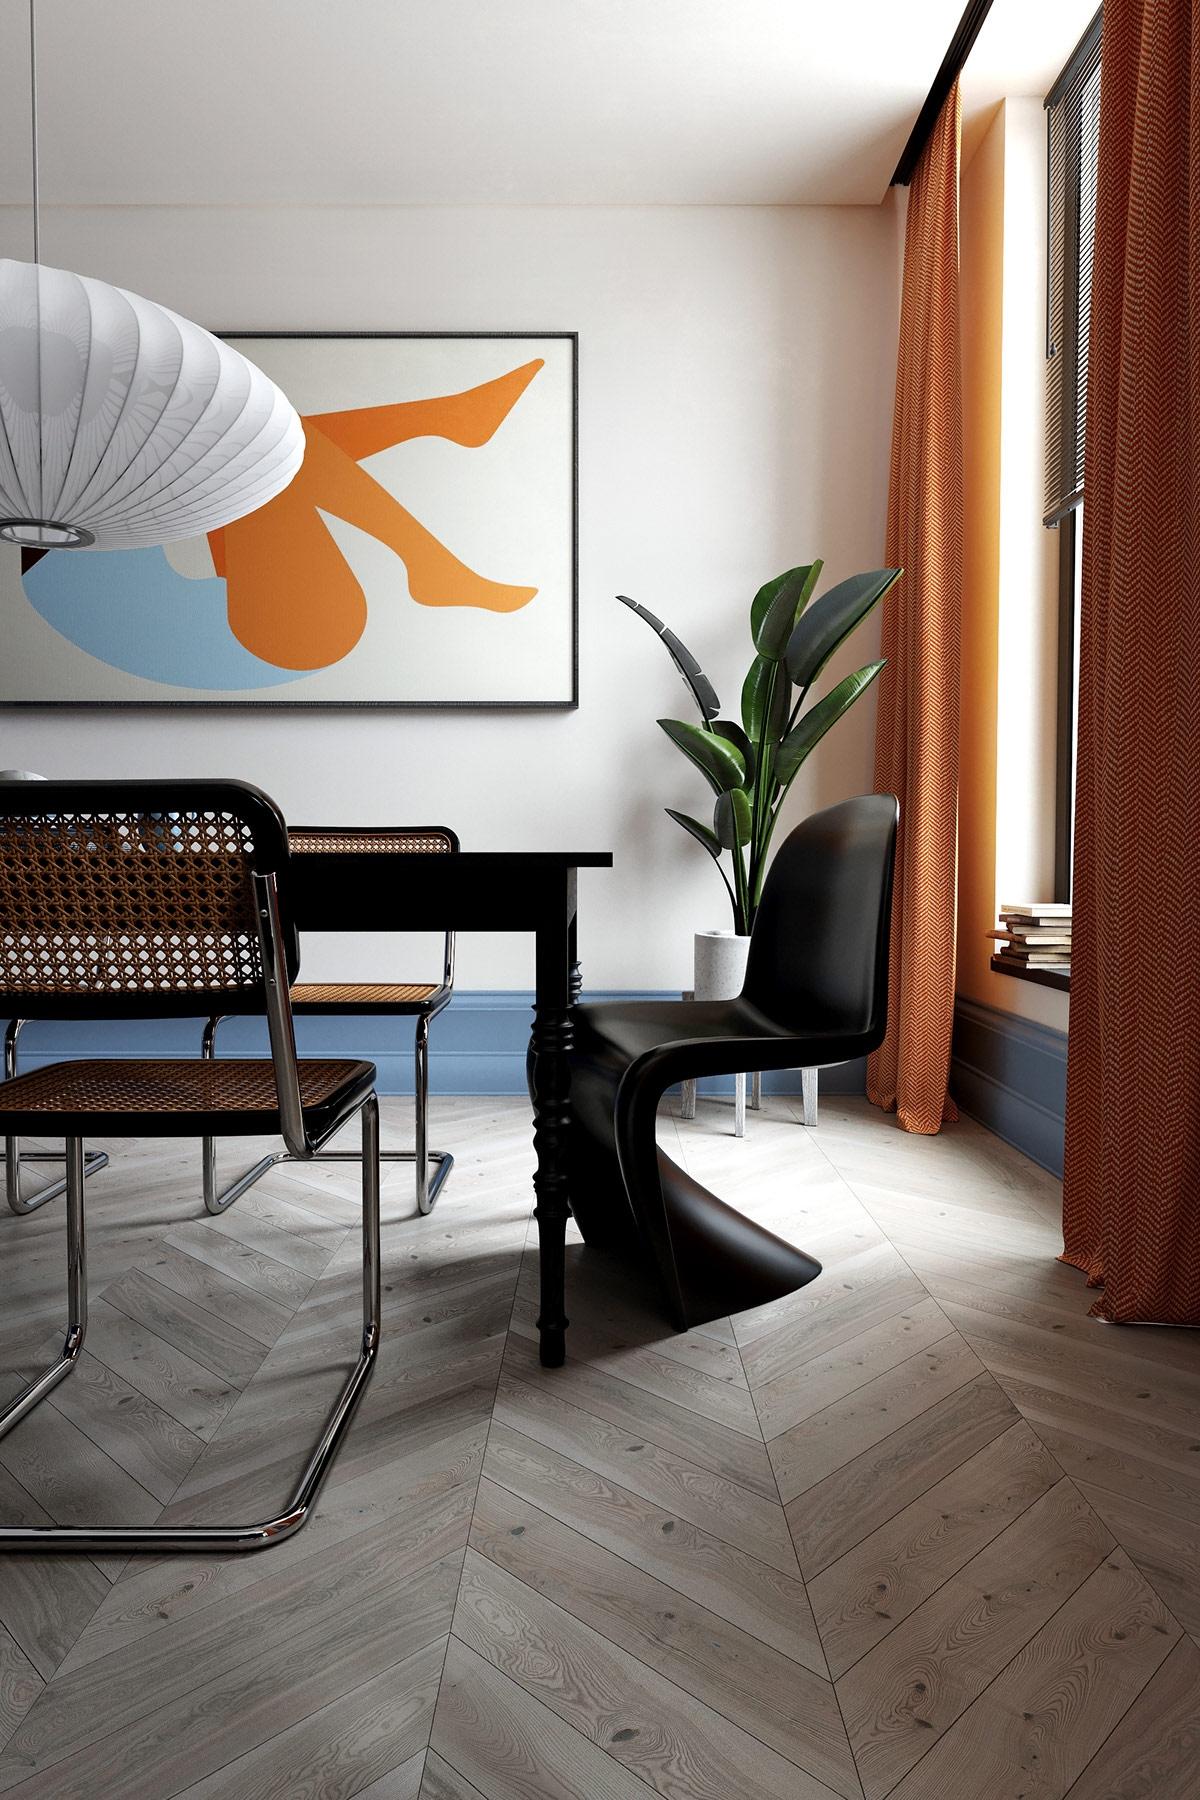 Bức tranh treo tường trừu tượng đi kèm với bộ bàn ăn tối màu mang lại sự thú vị, hấp dẫn trong không gian phòng ăn